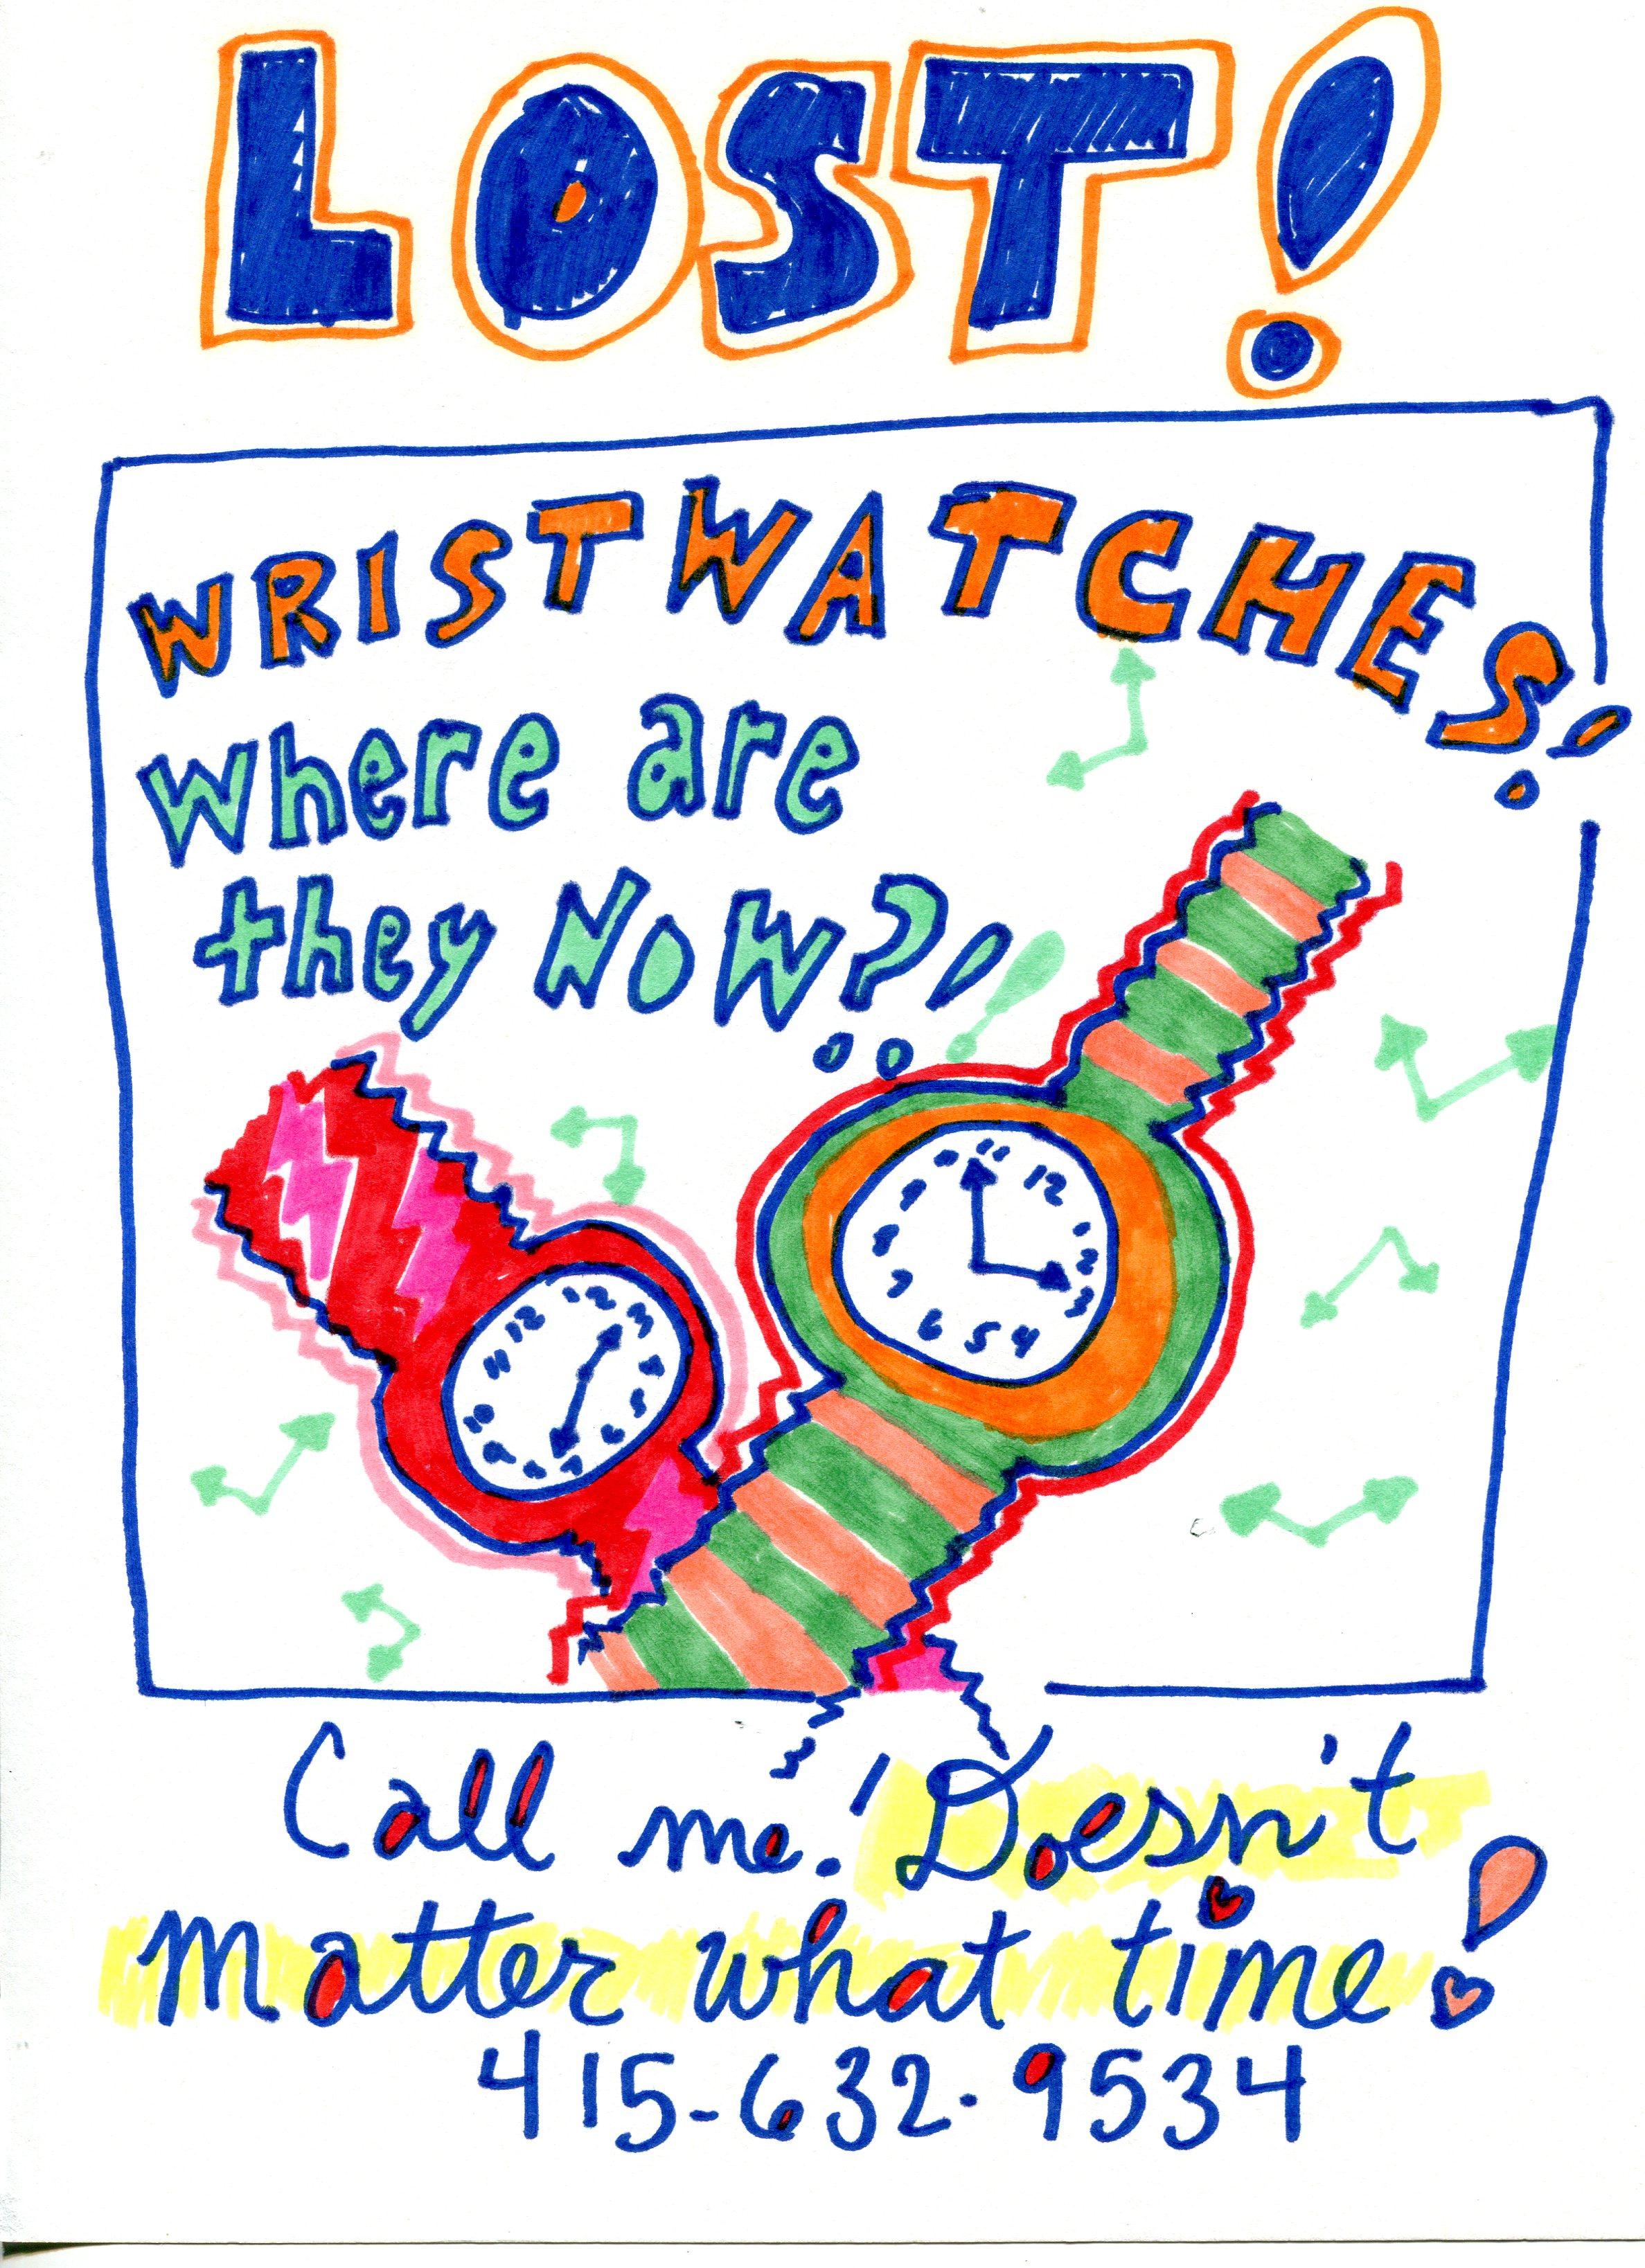 wristwatches.jpg